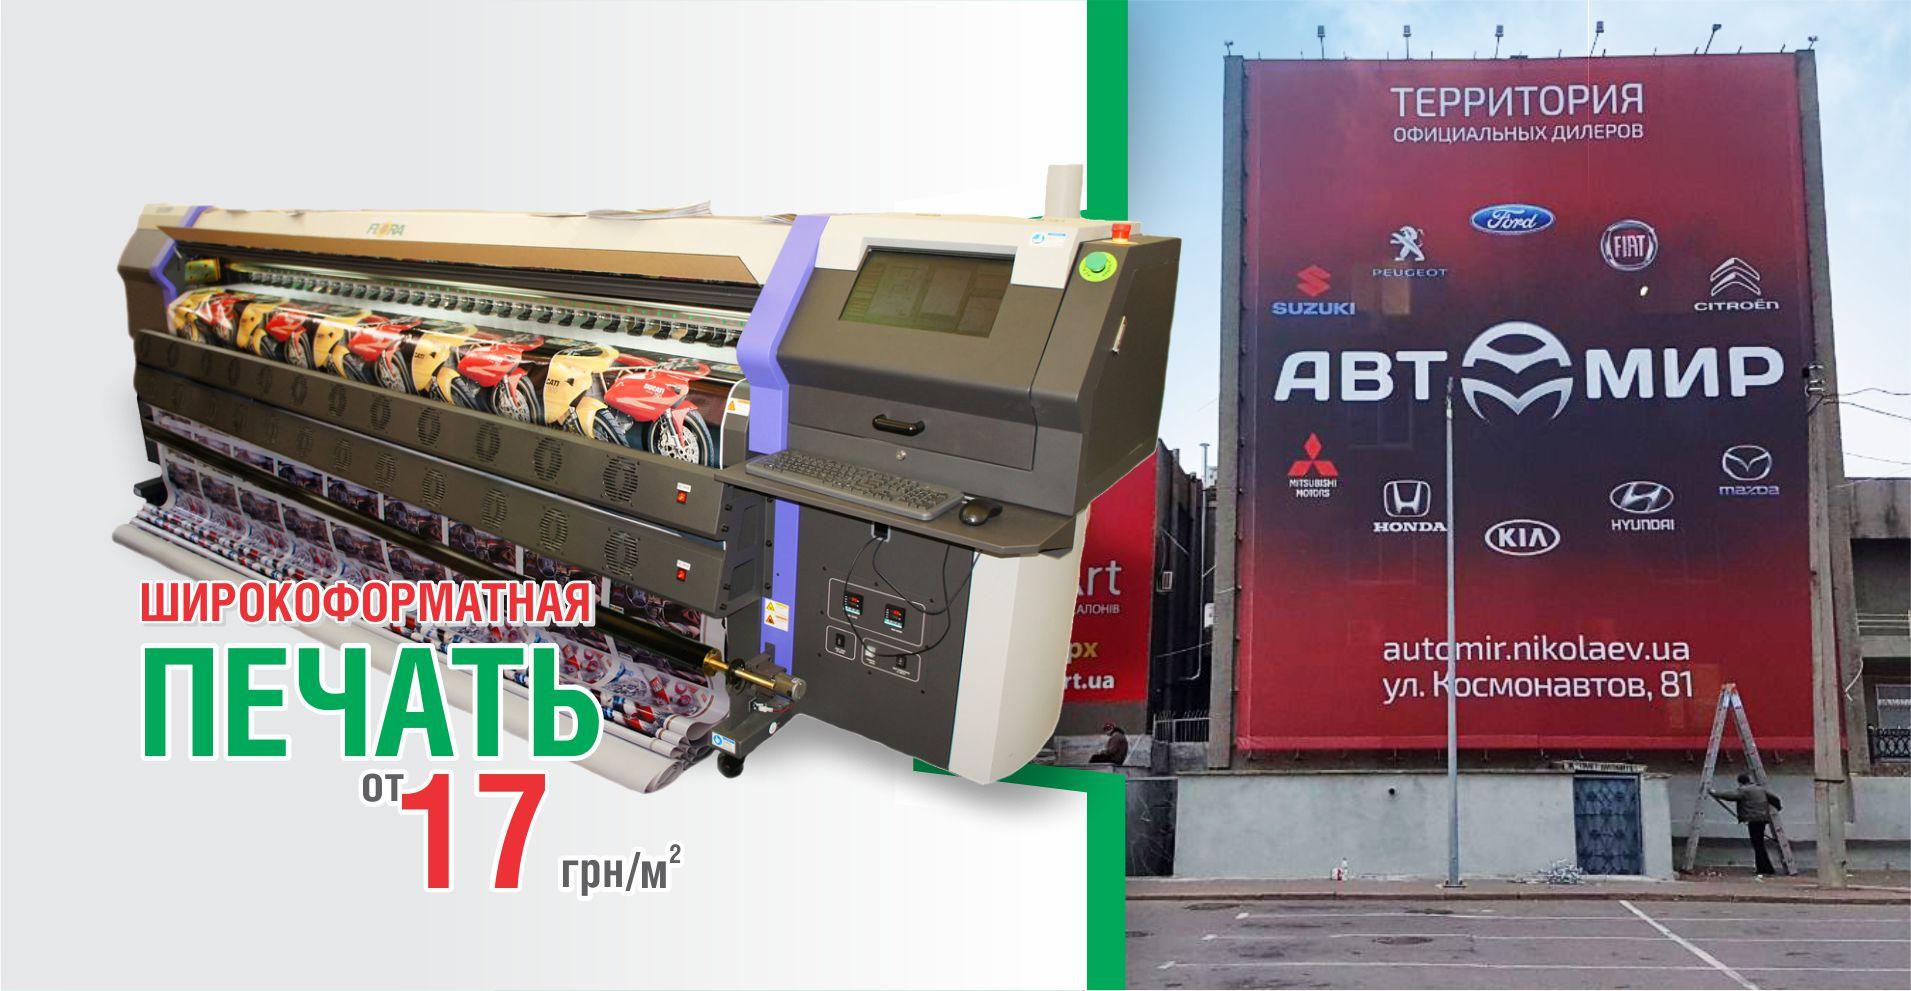 широкоформатная печать в Бренд-Медиа-Николаев